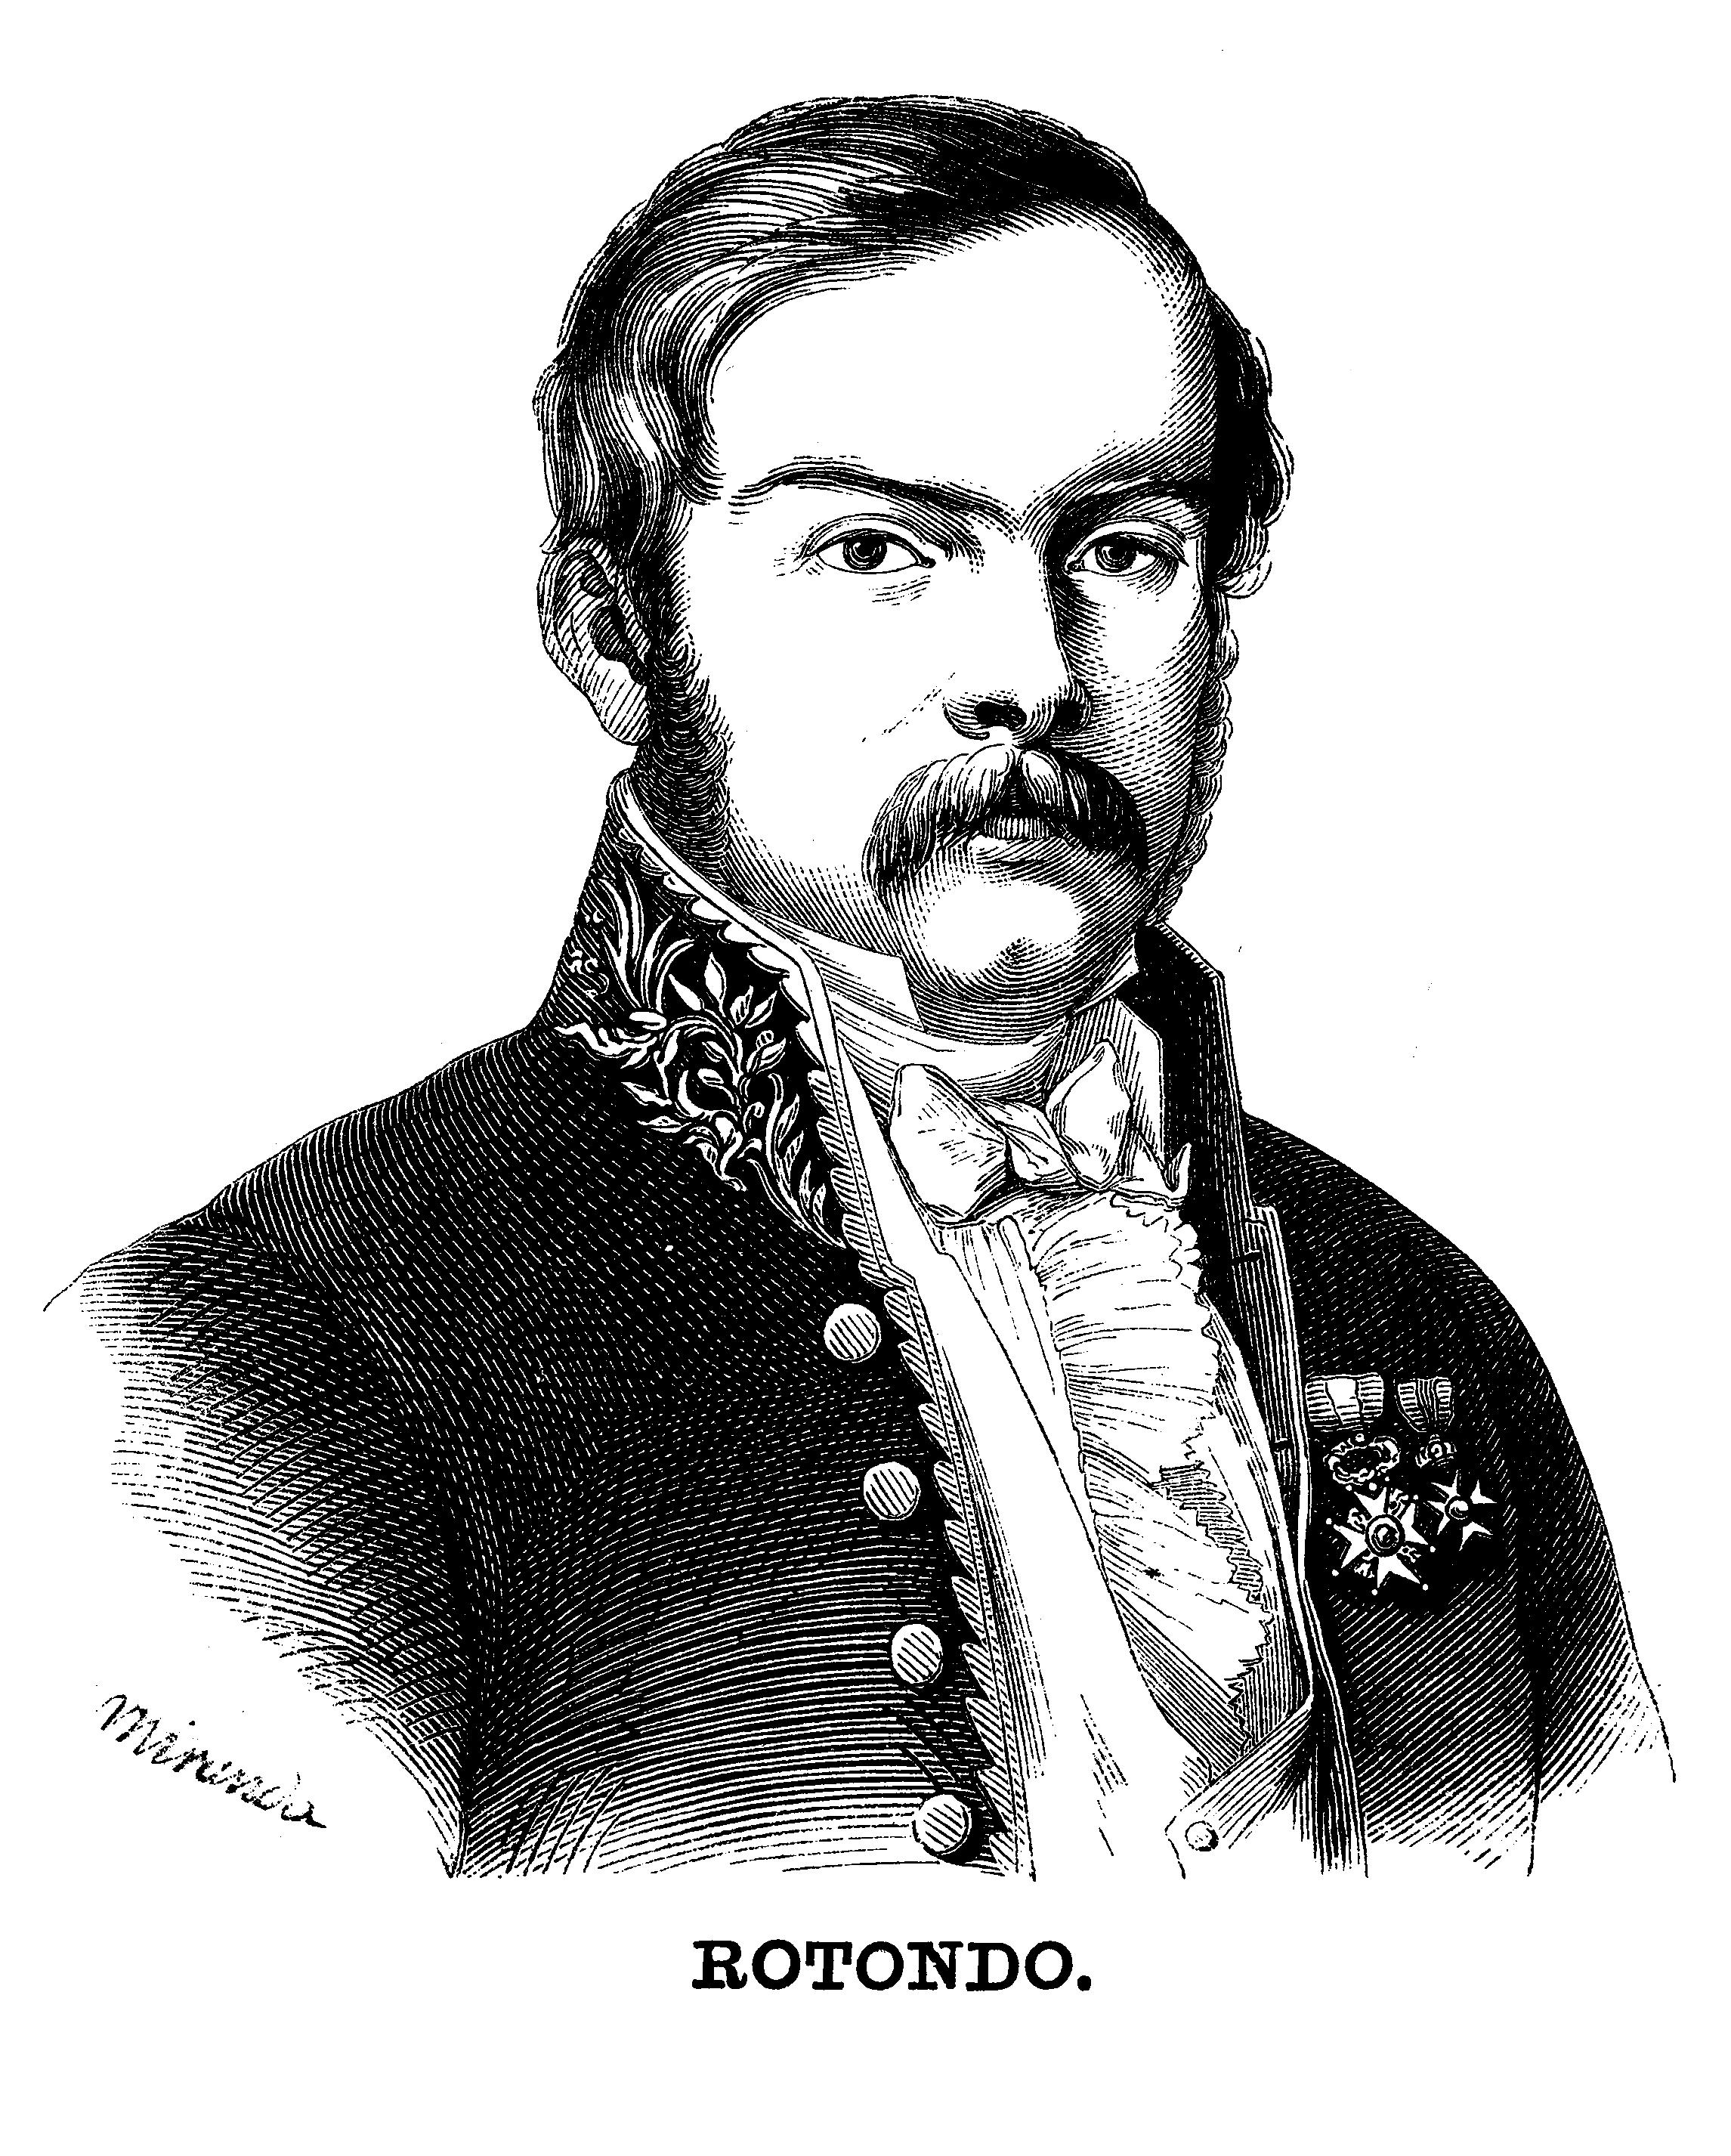 Antonio Rotondo